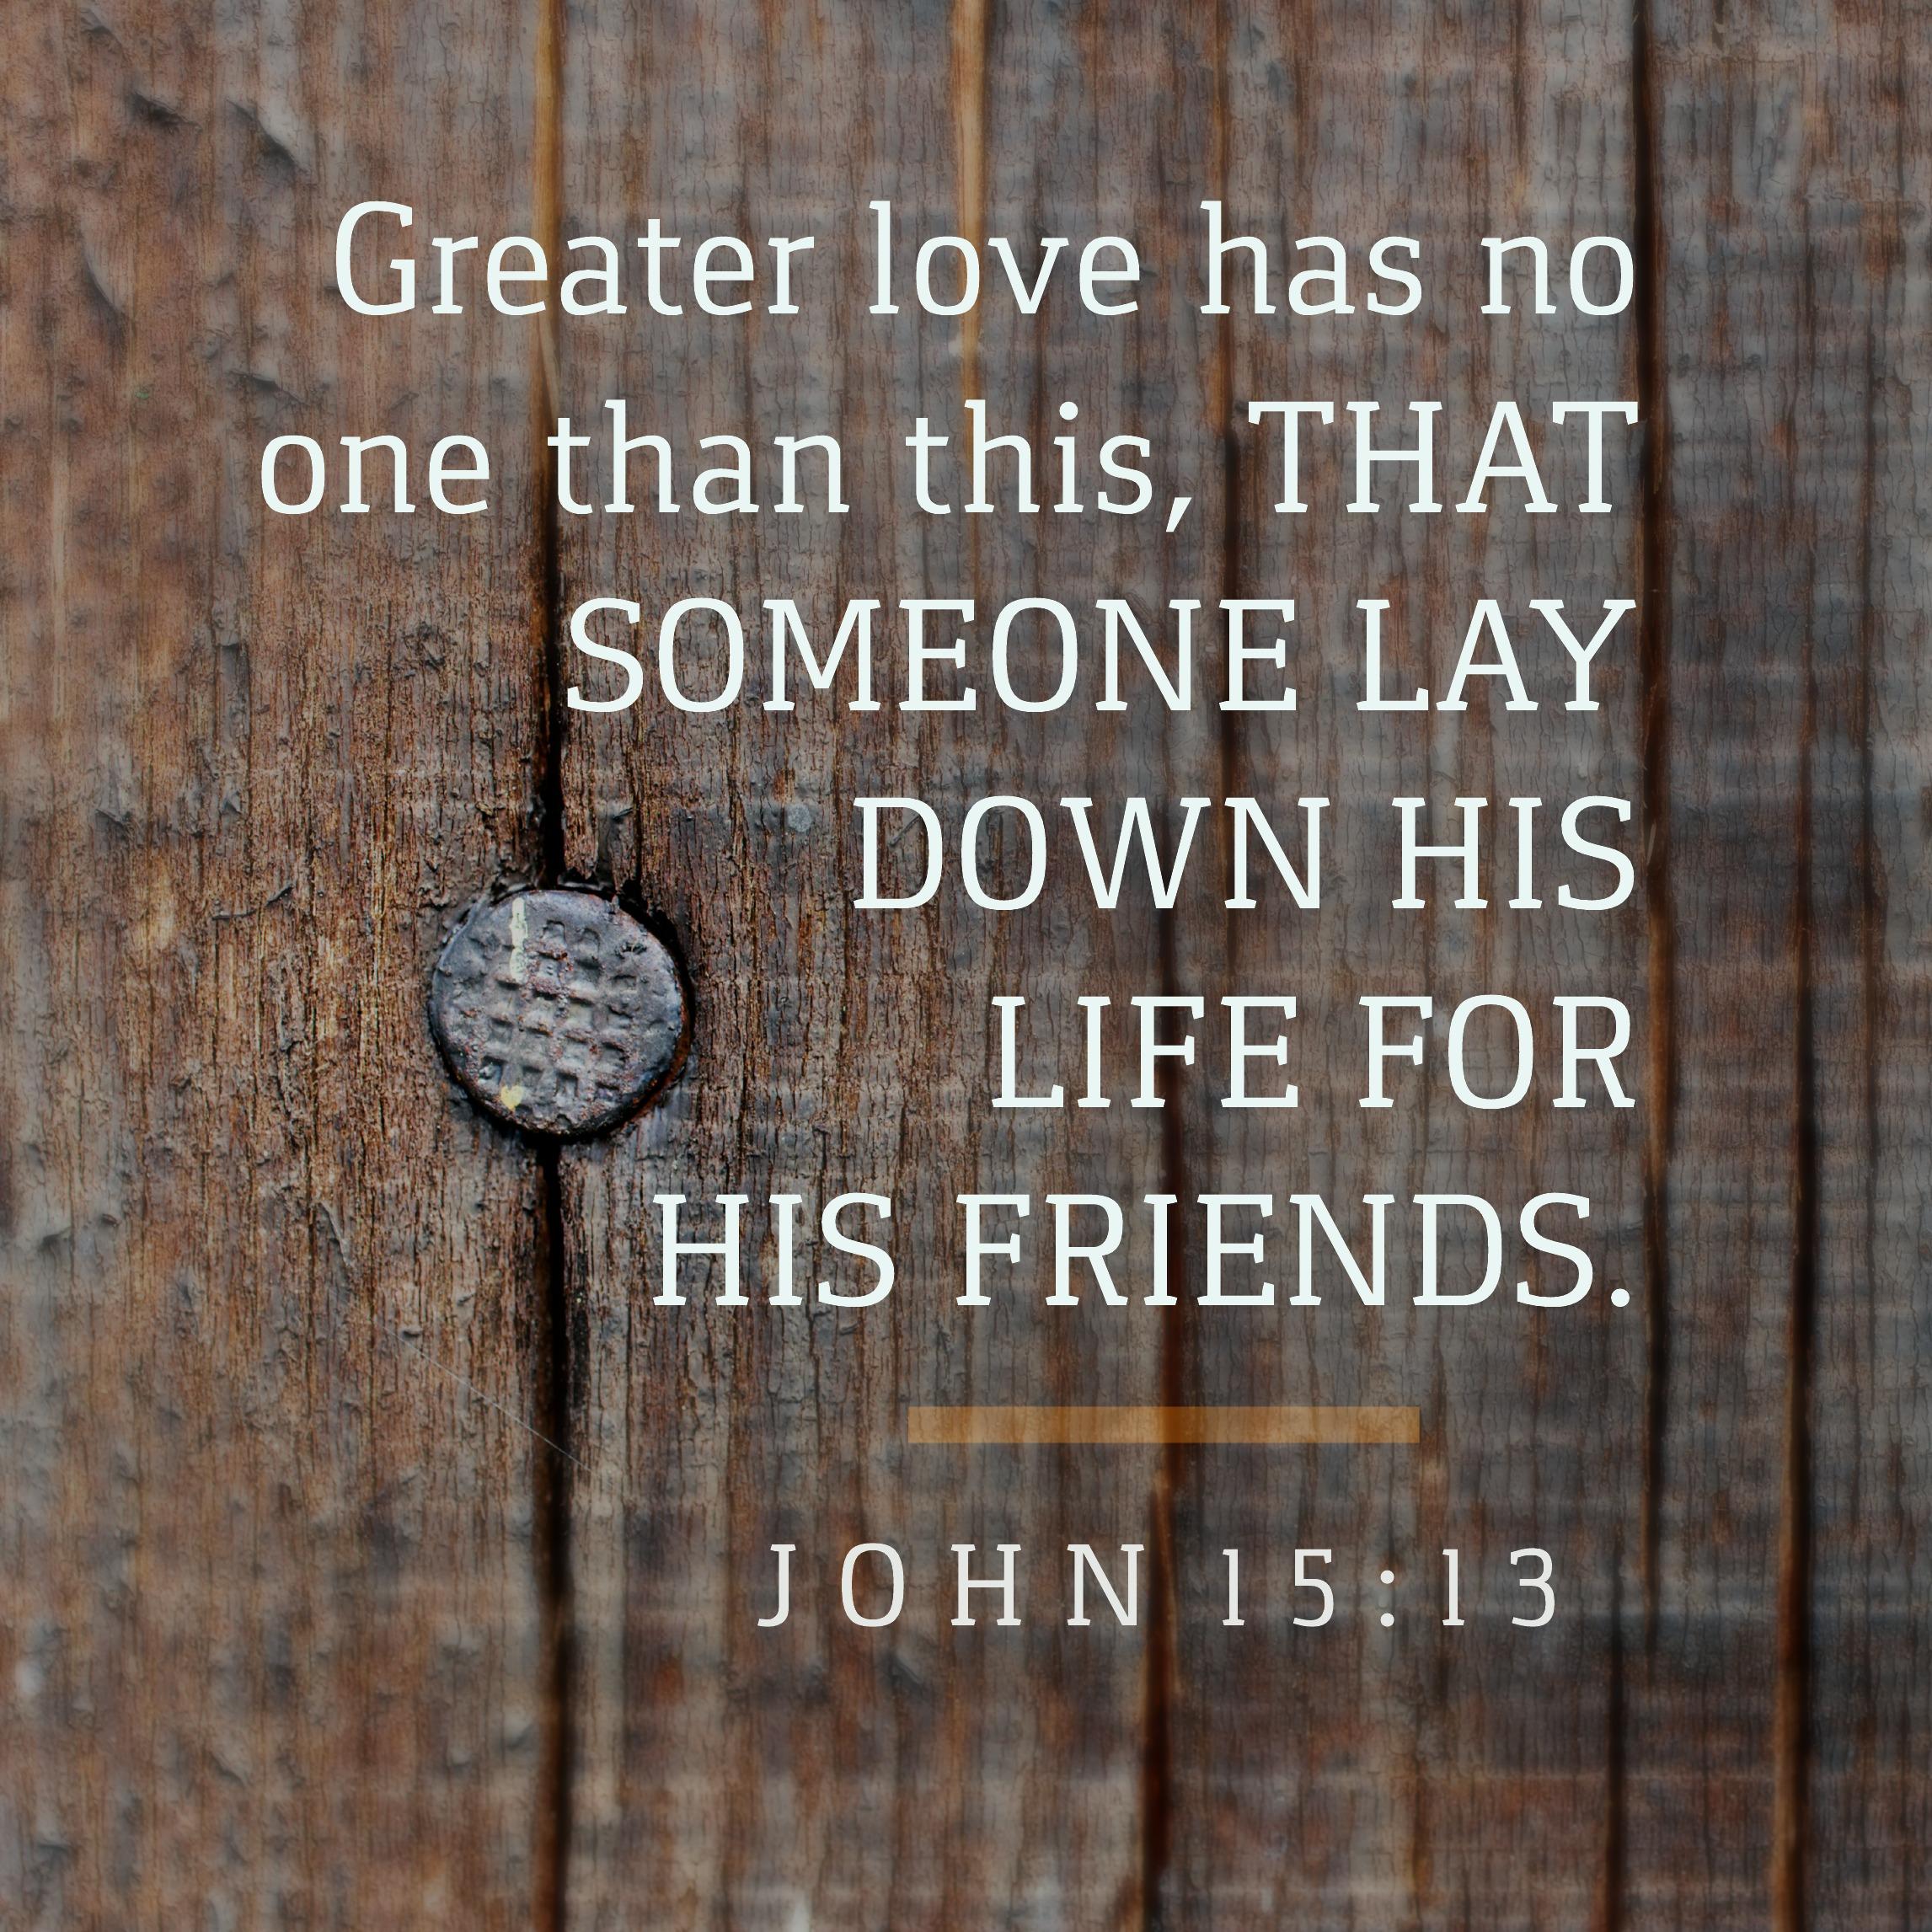 John 15: 13